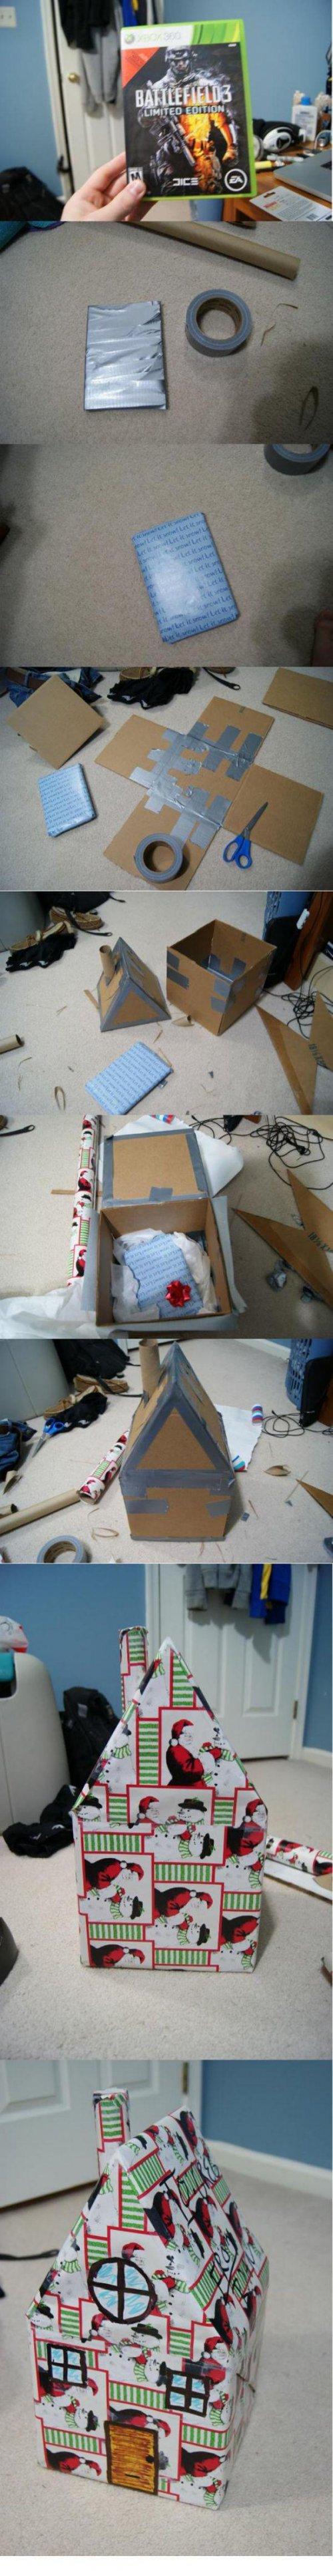 Как оригинально упаковать подарок с приколом